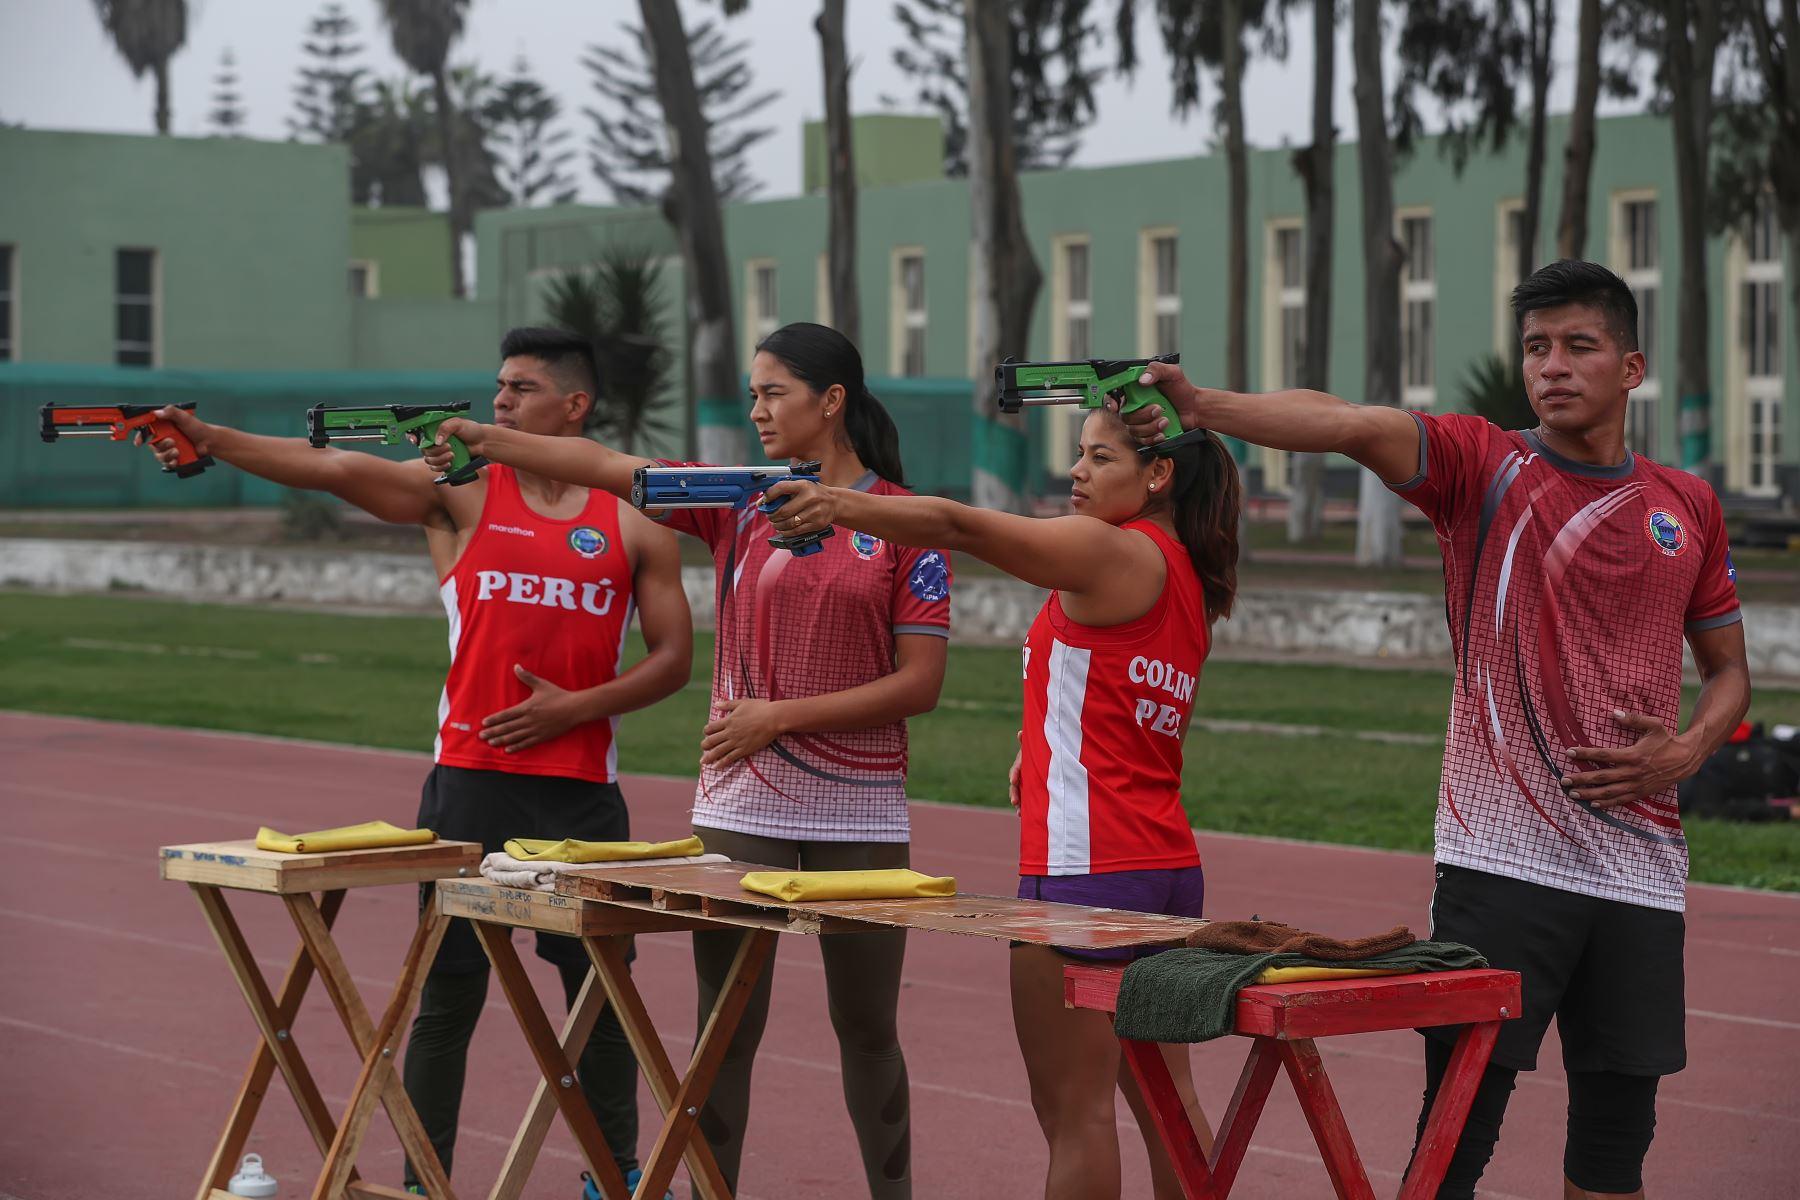 Deportistas militares clasificados a los juegos Panamericanos Lima 2019.  En tiro, competirán la teniente 2° AP Brianda Nicole Rivera Villegas, la alférez FAP Liz Graciela Carrión Villanueva y el suboficial de segunda FAP Kevin Luis Altamirano FarfánFoto:MINDEF